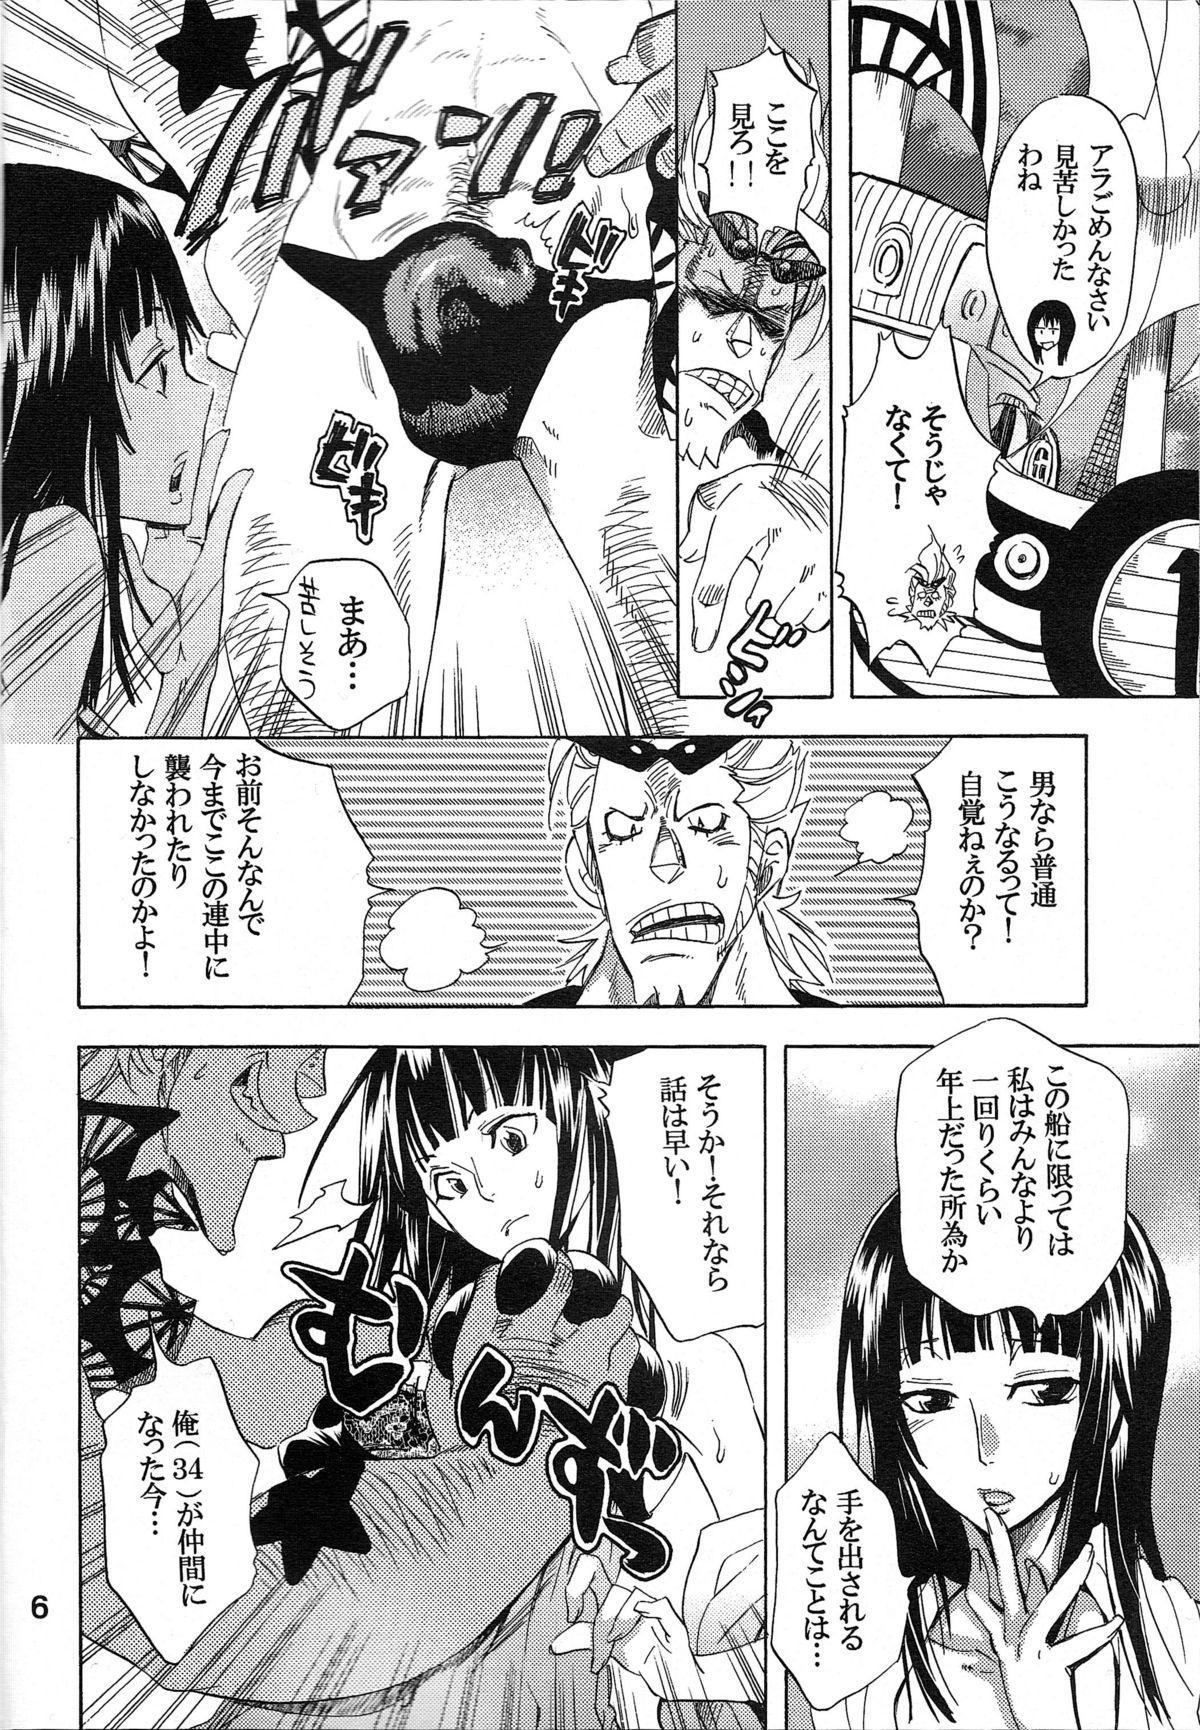 Yokujyou Rensa 4